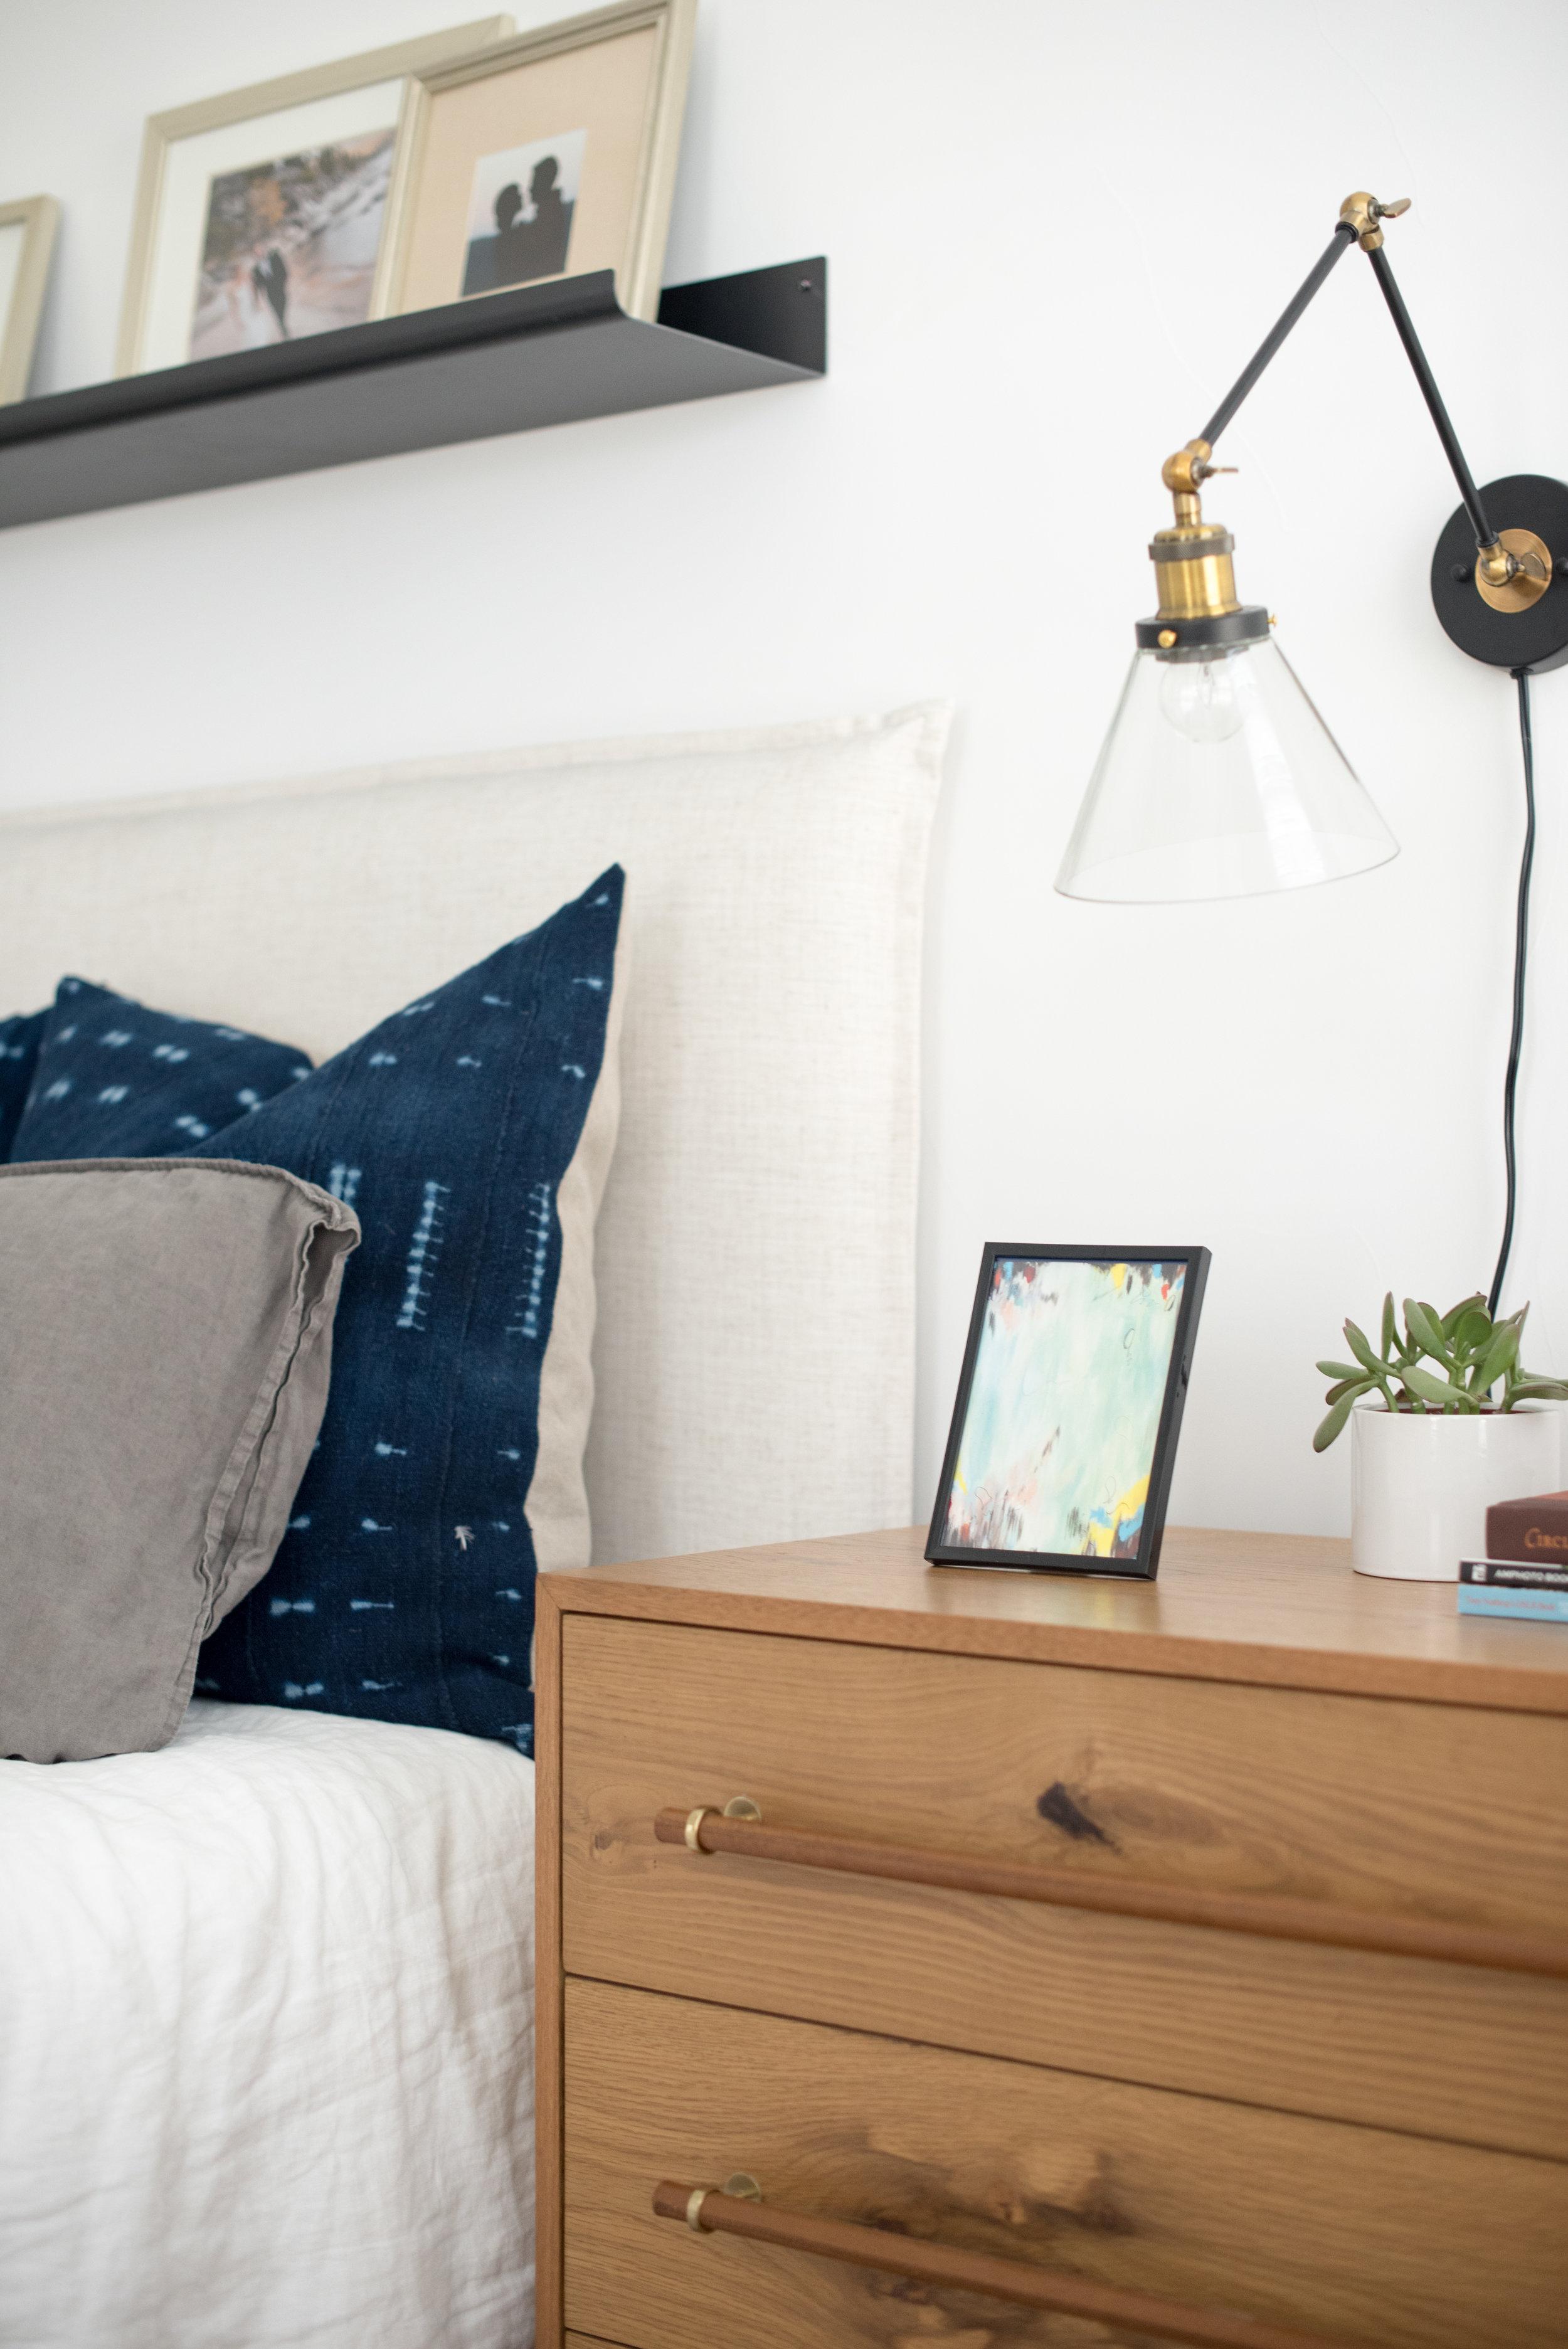 Sleek black frame styling a bedside table